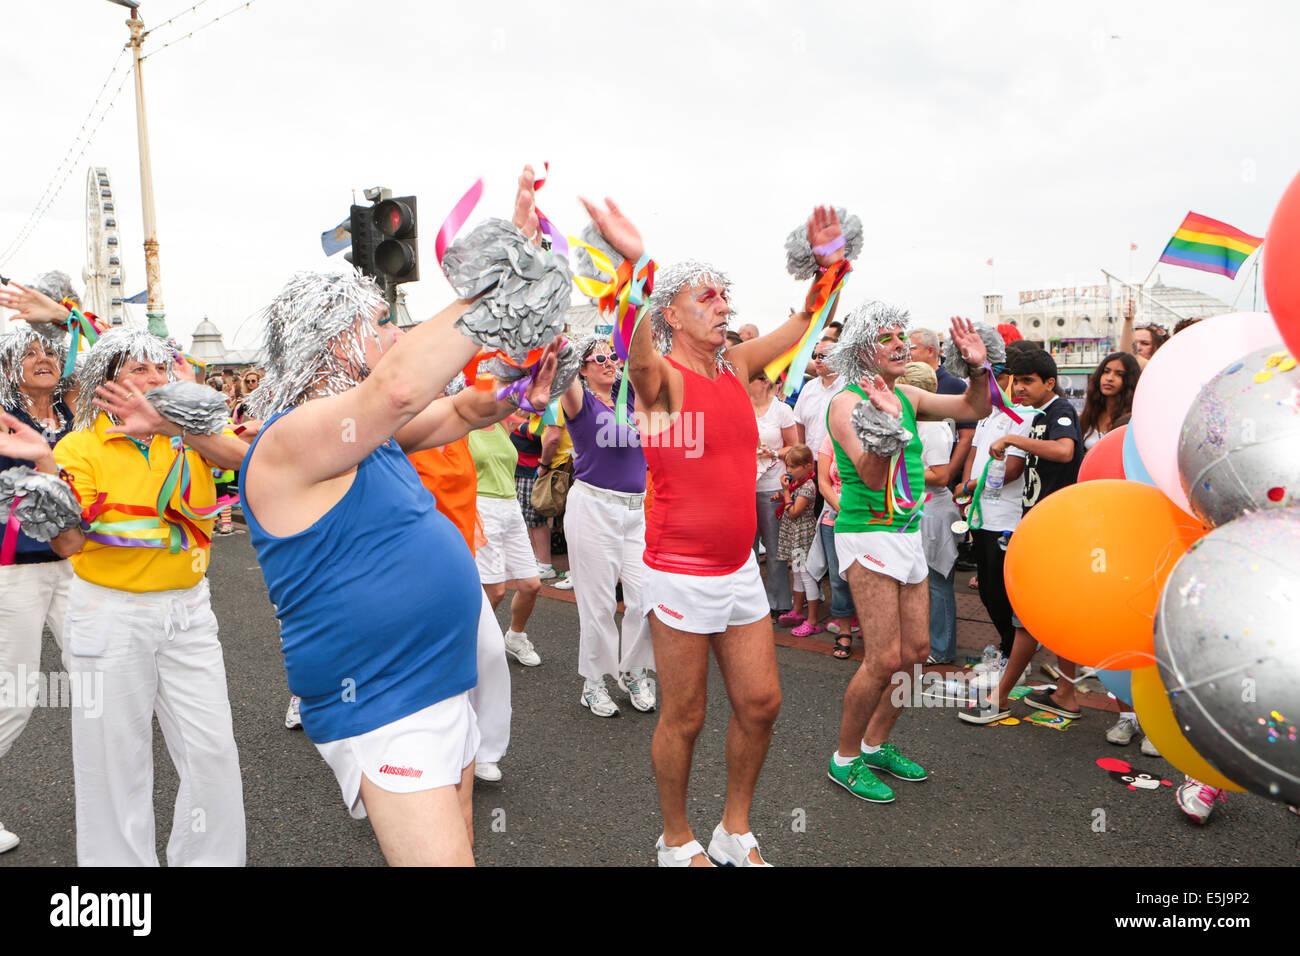 Brighton Pride Parade 2014 - Stock Image